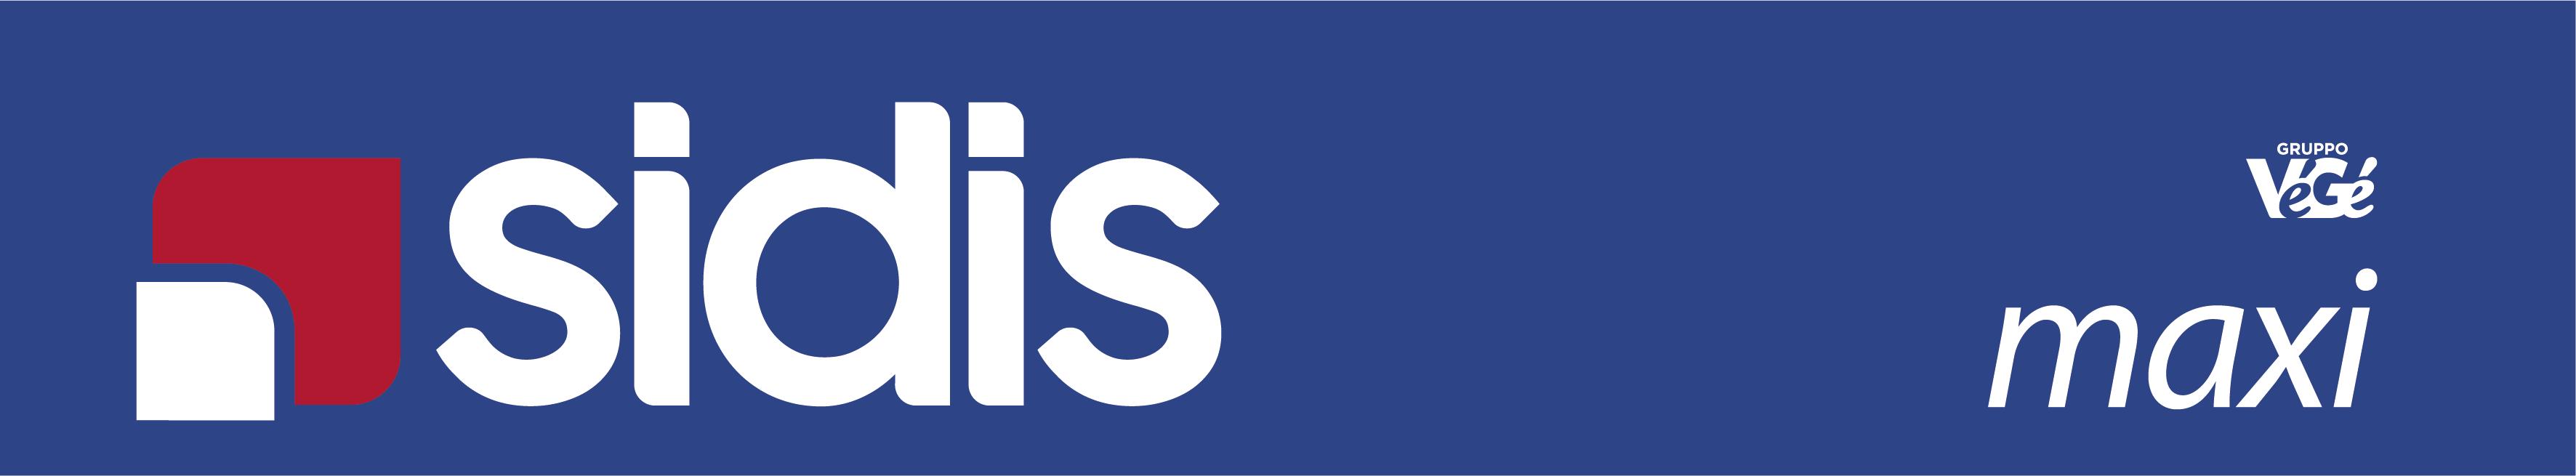 Logo Sidis maxi GDO (Grande Distribuzione Organizzata)